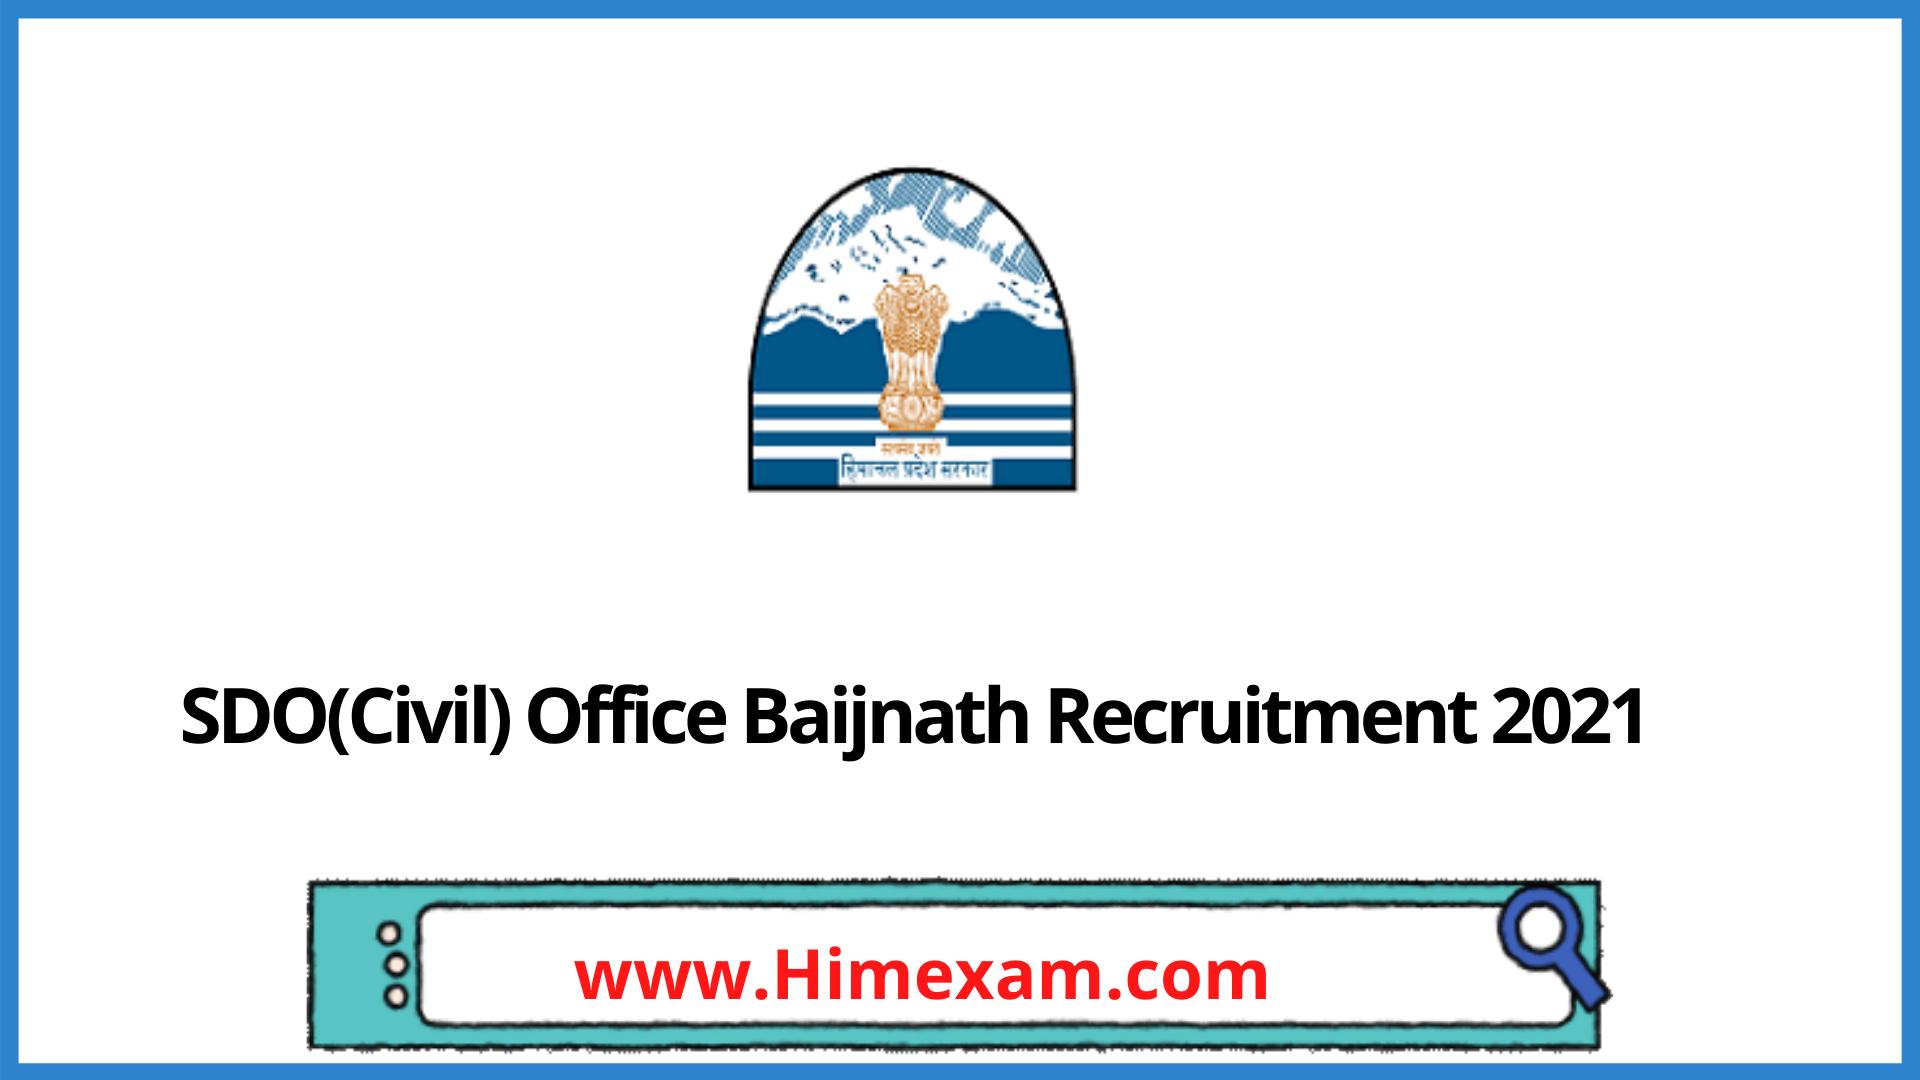 SDO(Civil) Office Baijnath Recruitment 2021